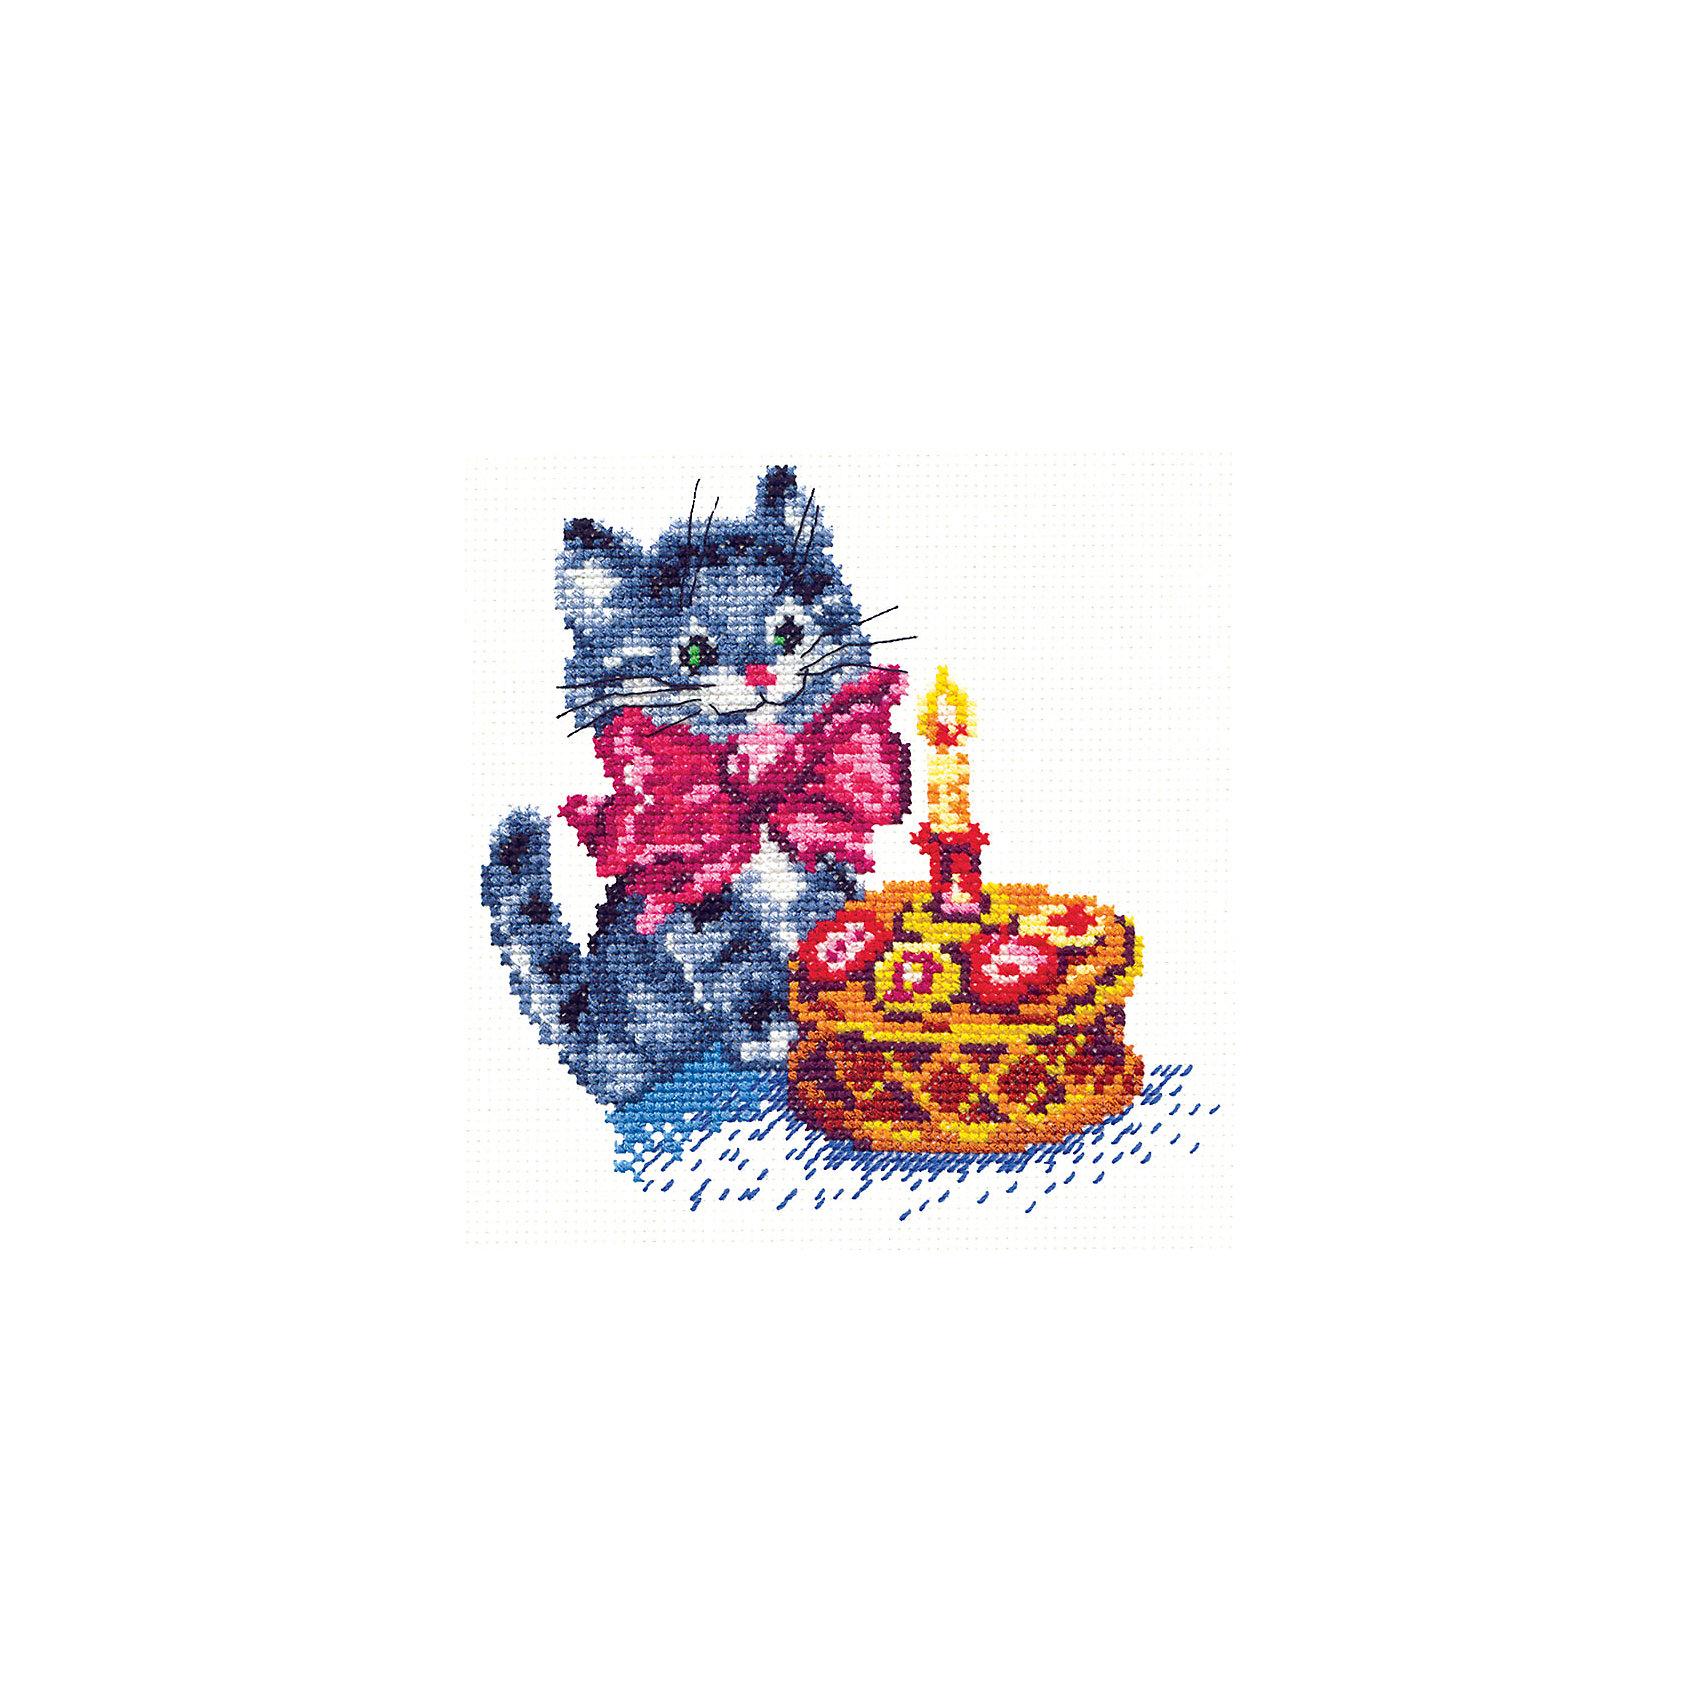 Набор для вышивания крестом «День рождения»Набор для вышивания крестом «День рождения» – это отличный подарок для маленьких рукодельниц!<br>Набор для вышивания крестом «День рождения», несомненно, доставит удовольствие каждому ребенку. Вышивание - очень увлекательное занятие. Простота исполнения основного элемента (крестика) позволит даже начинающему любителю рукоделия достичь потрясающего результата. На вышивке изображен прекрасный сюжет из детской серии – очаровательный котенок с бантиком на шее празднует свой первый день рождения. Схема вышивки детально проработана. Набор порадует вас насыщенными красками, идеально подобранными нитками, а также канвой, которая имеет равномерную структуру, образующую отчетливые квадратики и отверстия в углах этих квадратов, облегчающие проведение иглы и весь процесс вышивки. А законченная вышивка прекрасно украсит любой интерьер, создаст уютную атмосферу в доме или станет самым ценным для друзей и знакомых. Вышивание крестиком поможет ребенку научиться пользоваться инструментами для шитья и поспособствует развитию творческих способностей.<br><br>Дополнительная информация:<br><br>- В наборе: нитки мулине 18 цветов; игла для вышивания №24; канва Аида 14, белого цвета (без рисунка); цветная схема для вышивания; краткая инструкция на русском языке<br>- Мулине: 100% хлопок<br>- Канва Аида 14: 100% хлопок, 55 клеточек на 10 см.<br>- Размер готового изделия: 14 х 14 см.<br>- Техника: счетный крест<br>- Сложность: низкая<br><br>Набор для вышивания крестом «День рождения» можно купить в нашем интернет-магазине.<br><br>Ширина мм: 250<br>Глубина мм: 150<br>Высота мм: 50<br>Вес г: 33<br>Возраст от месяцев: 84<br>Возраст до месяцев: 168<br>Пол: Женский<br>Возраст: Детский<br>SKU: 4518008